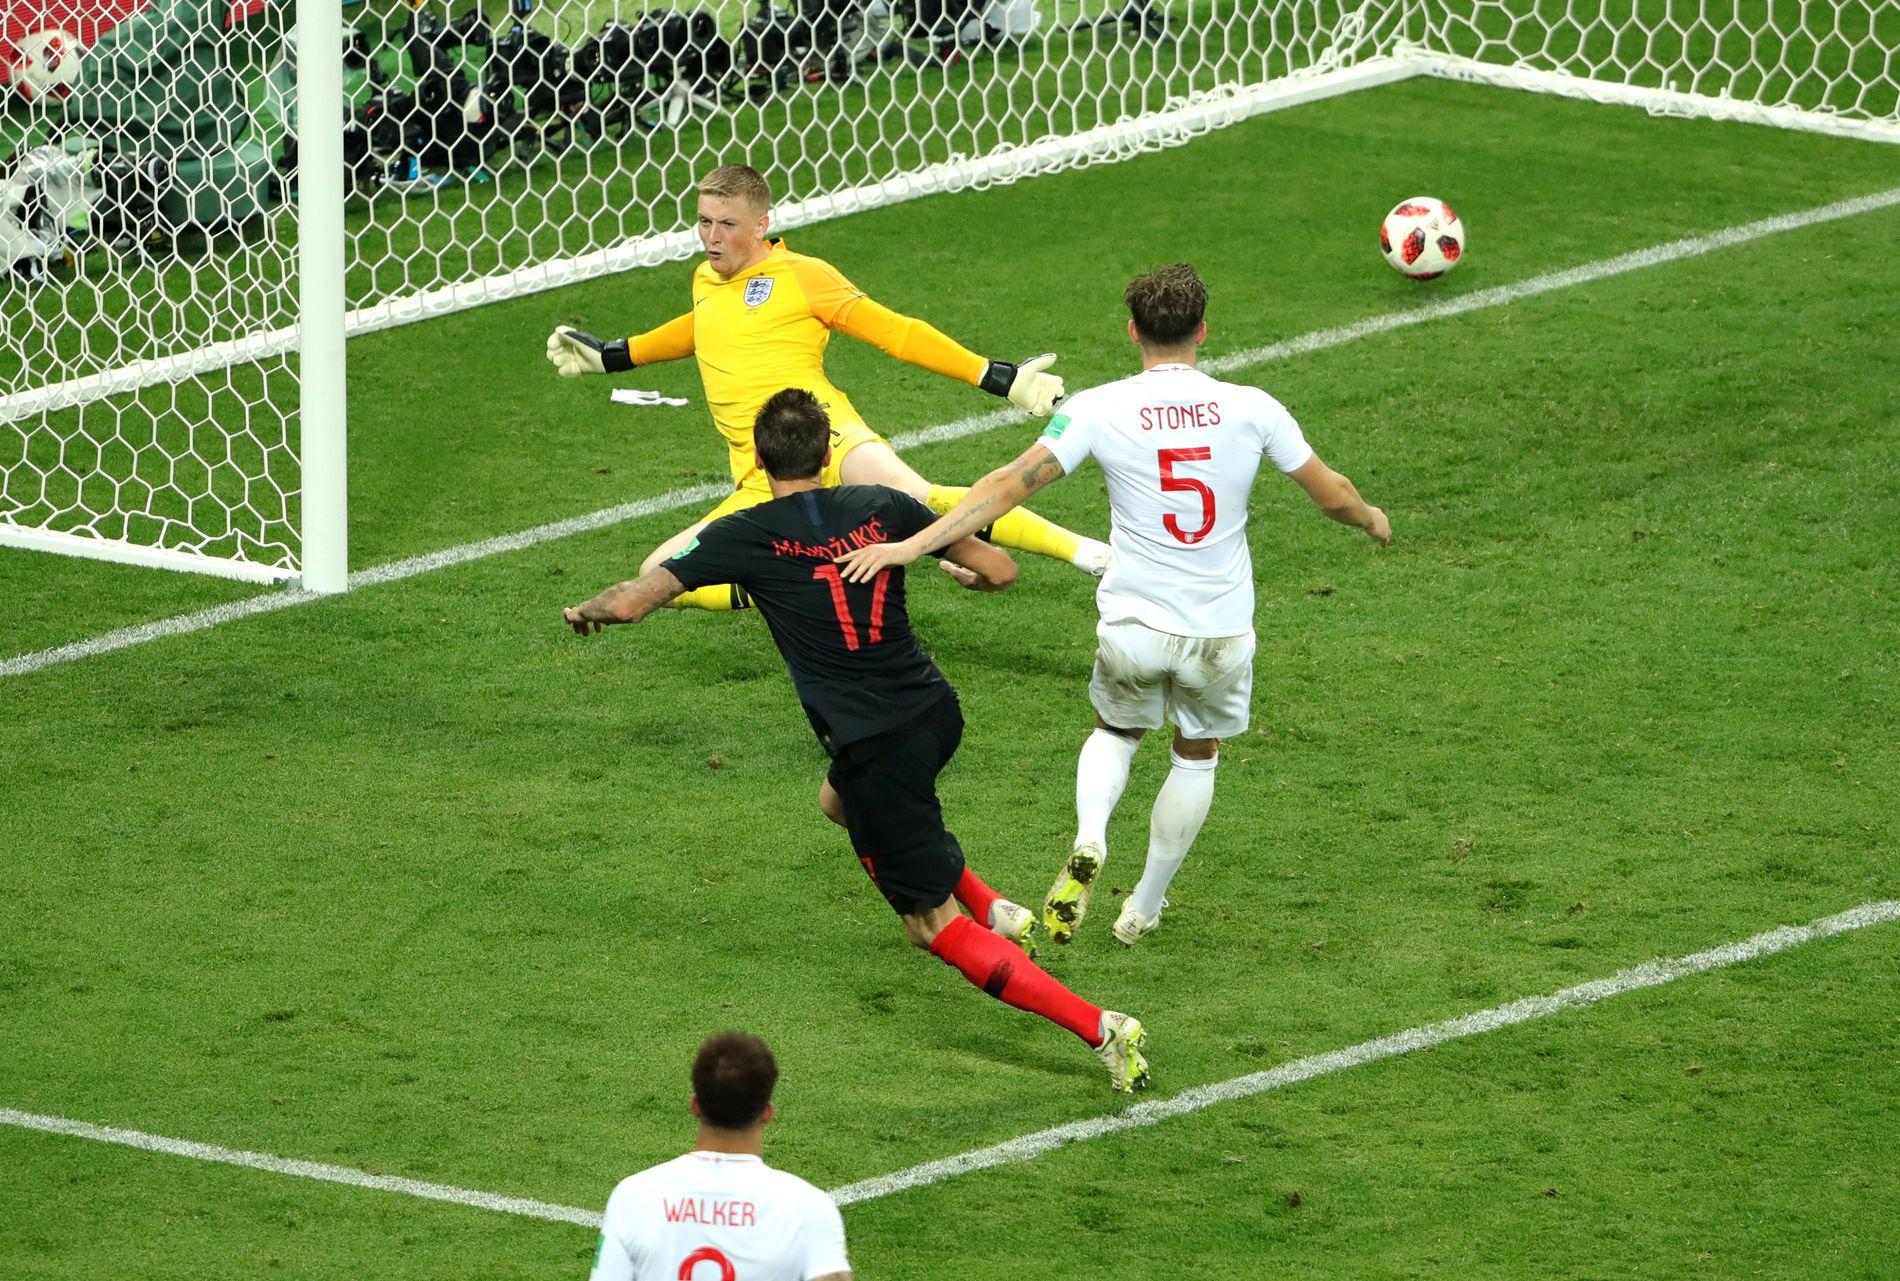 PUNKTUM FINALE: Mario Mandzukic setter inn vinnermålet og England klarer aldri å komme tilbake.